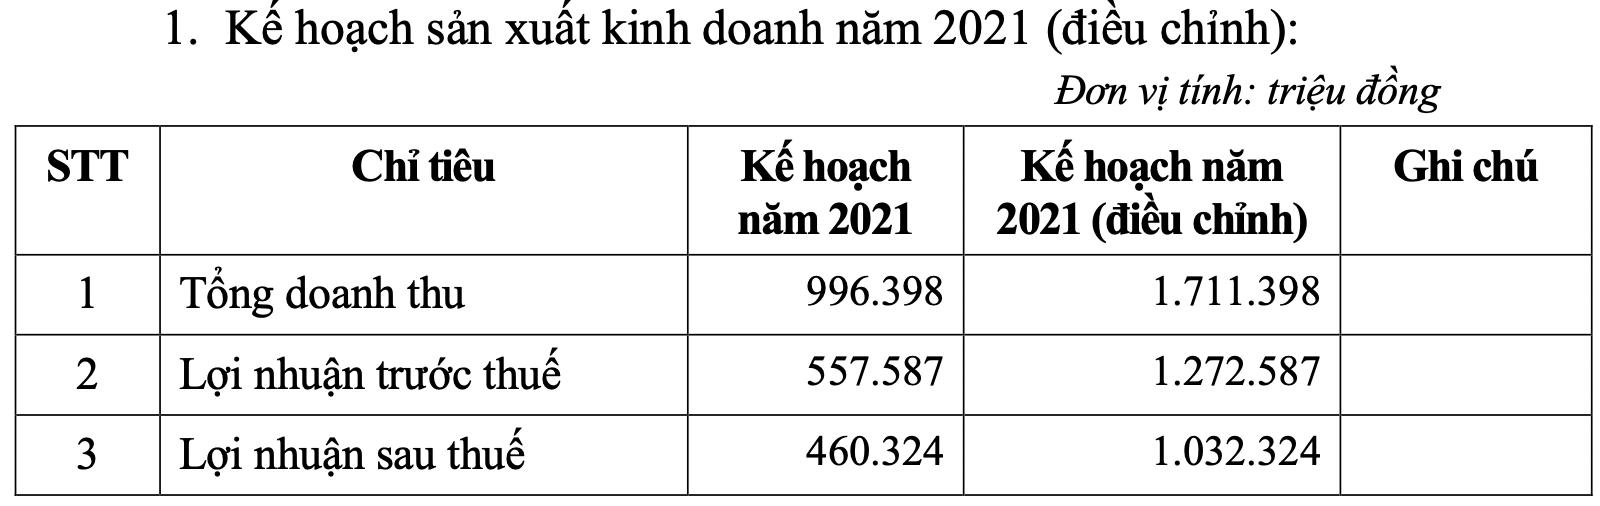 IDICO nâng kế hoạch lãi năm nay gấp đôi nhờ tái cơ cấu các khoản đầu tư - Ảnh 1.